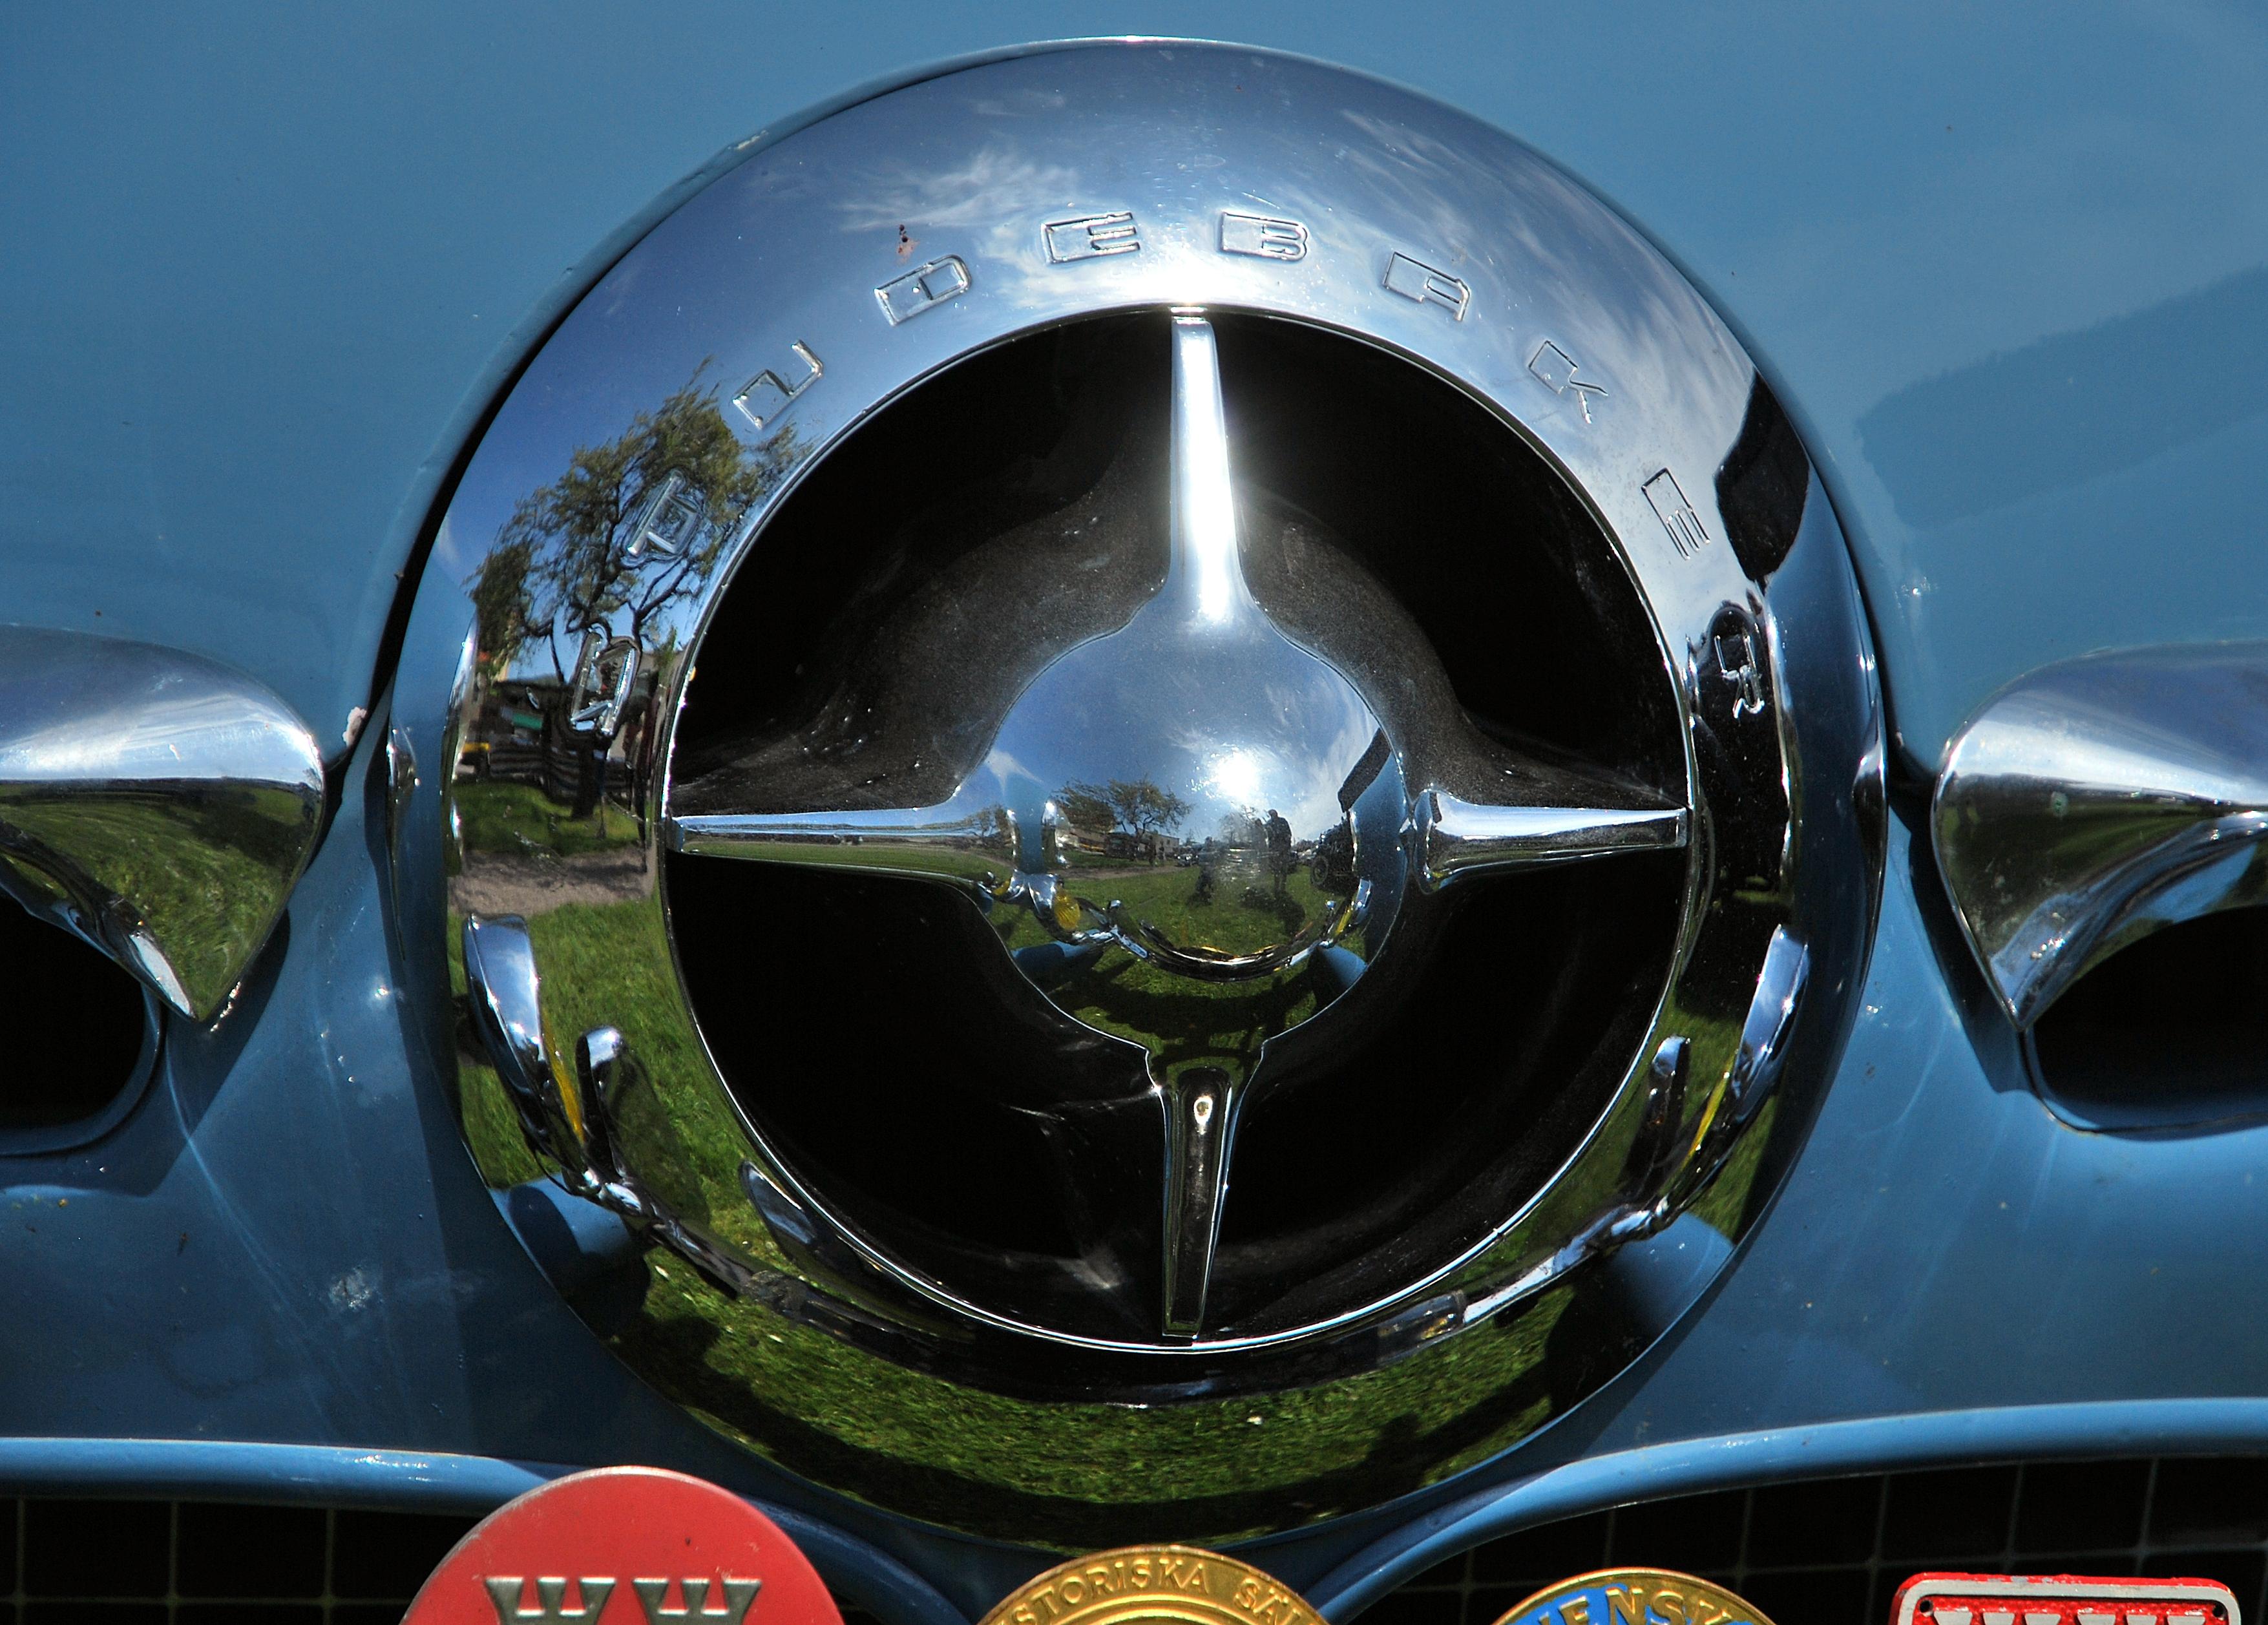 file spinner grille on 1950 studebaker champion at Ölands motordag